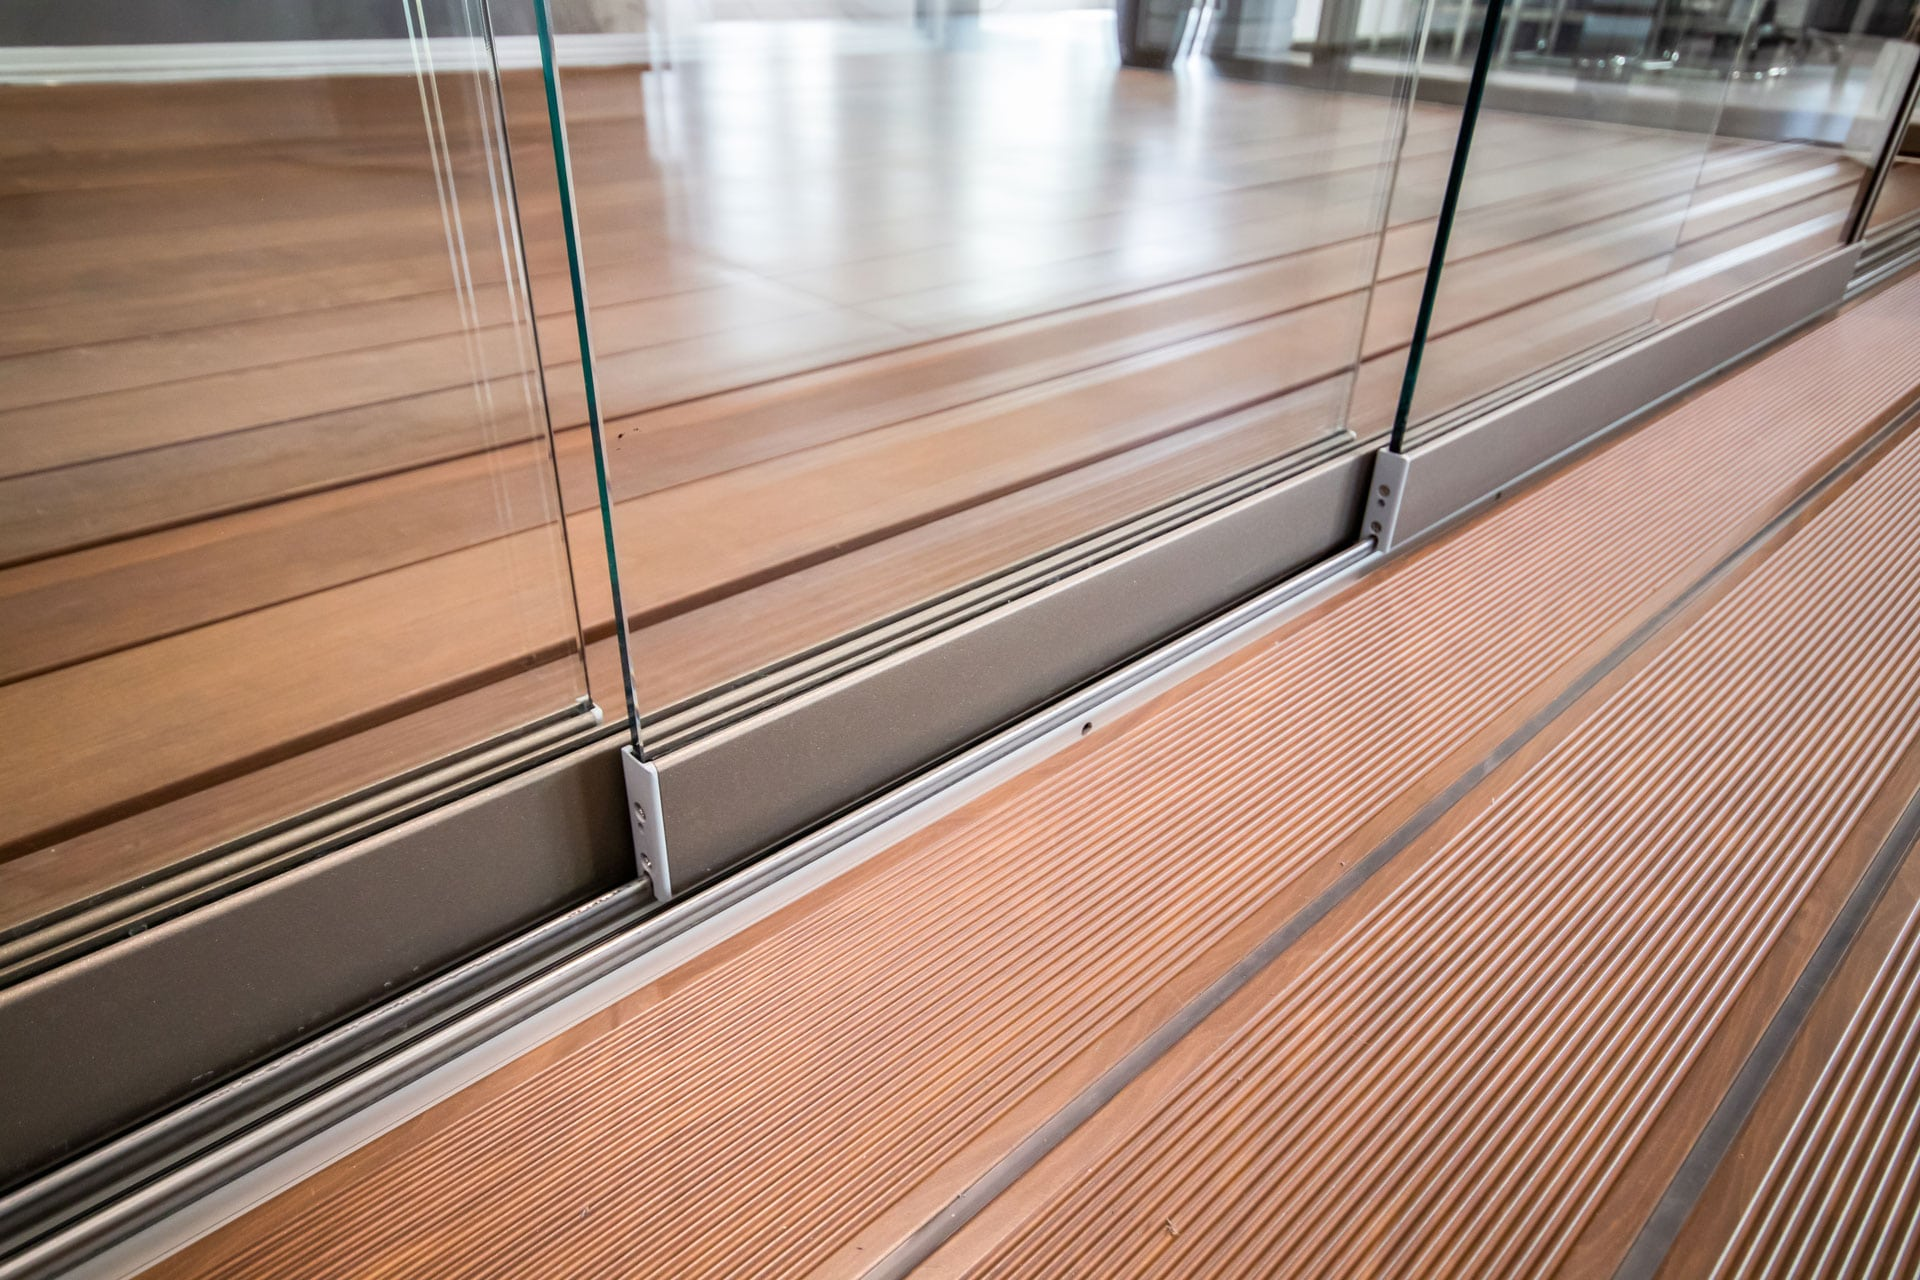 Schiebe 06 d   Nahaufnahme Schienensystem bei Glasschiebelementen für Sommergärten   Svoboda